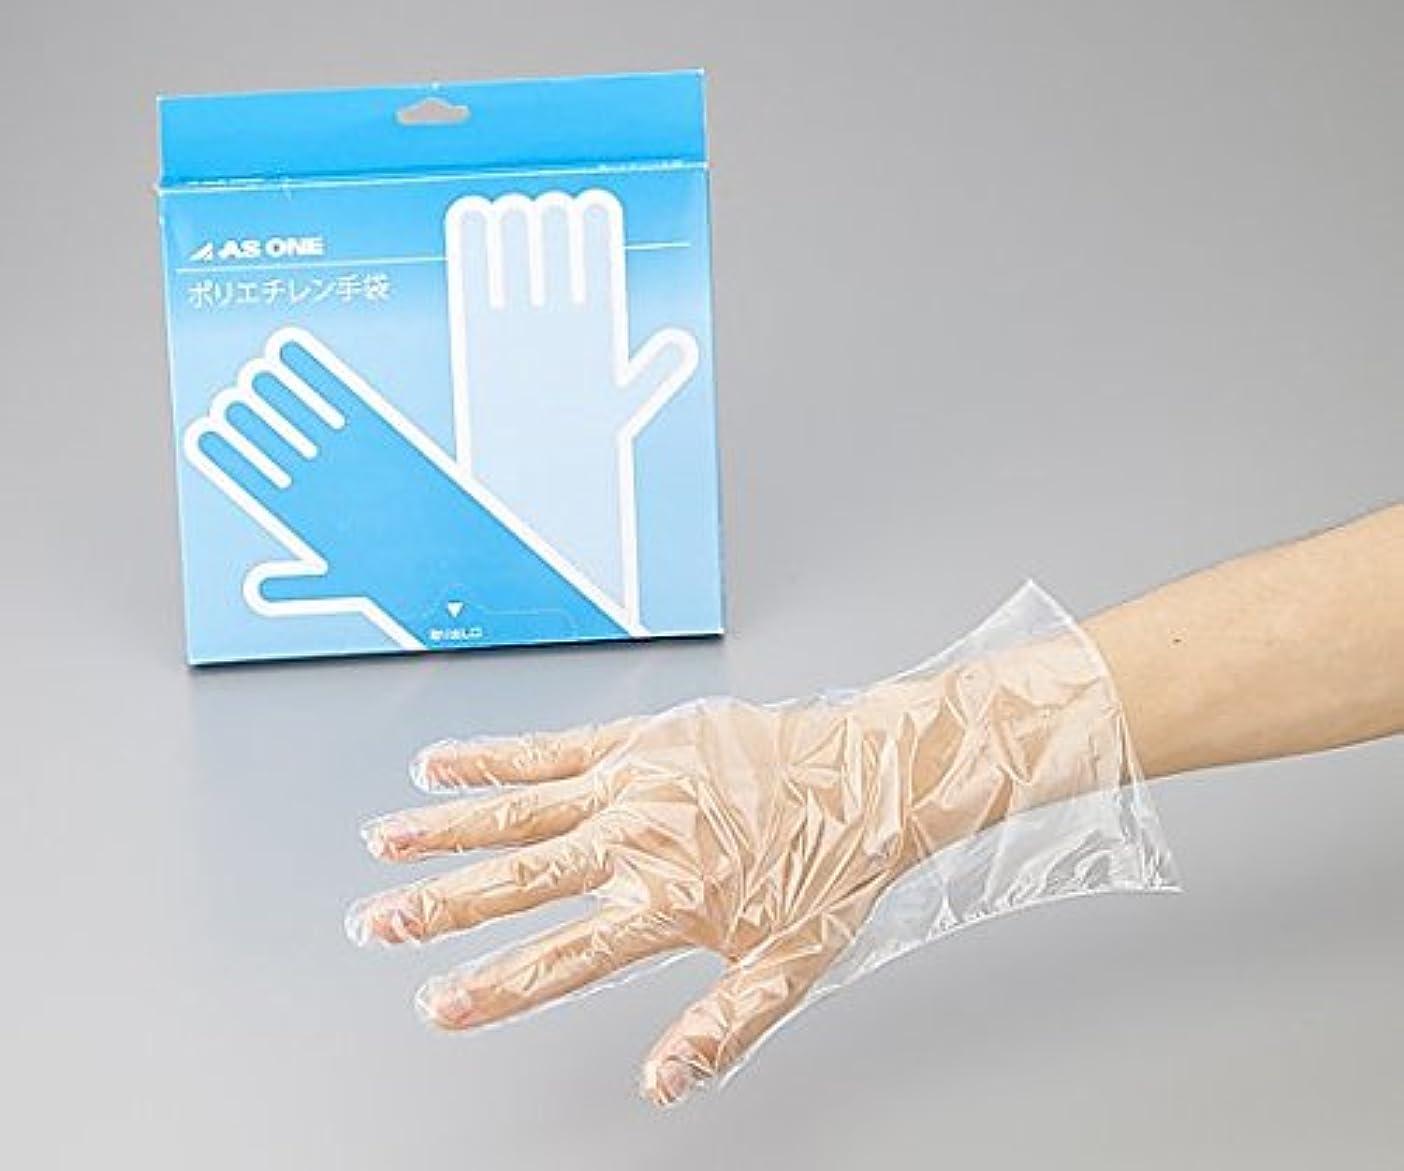 ほうき接ぎ木被害者アズワン2-4972-01ポリエチレン手袋エコノミー薄手L100枚入